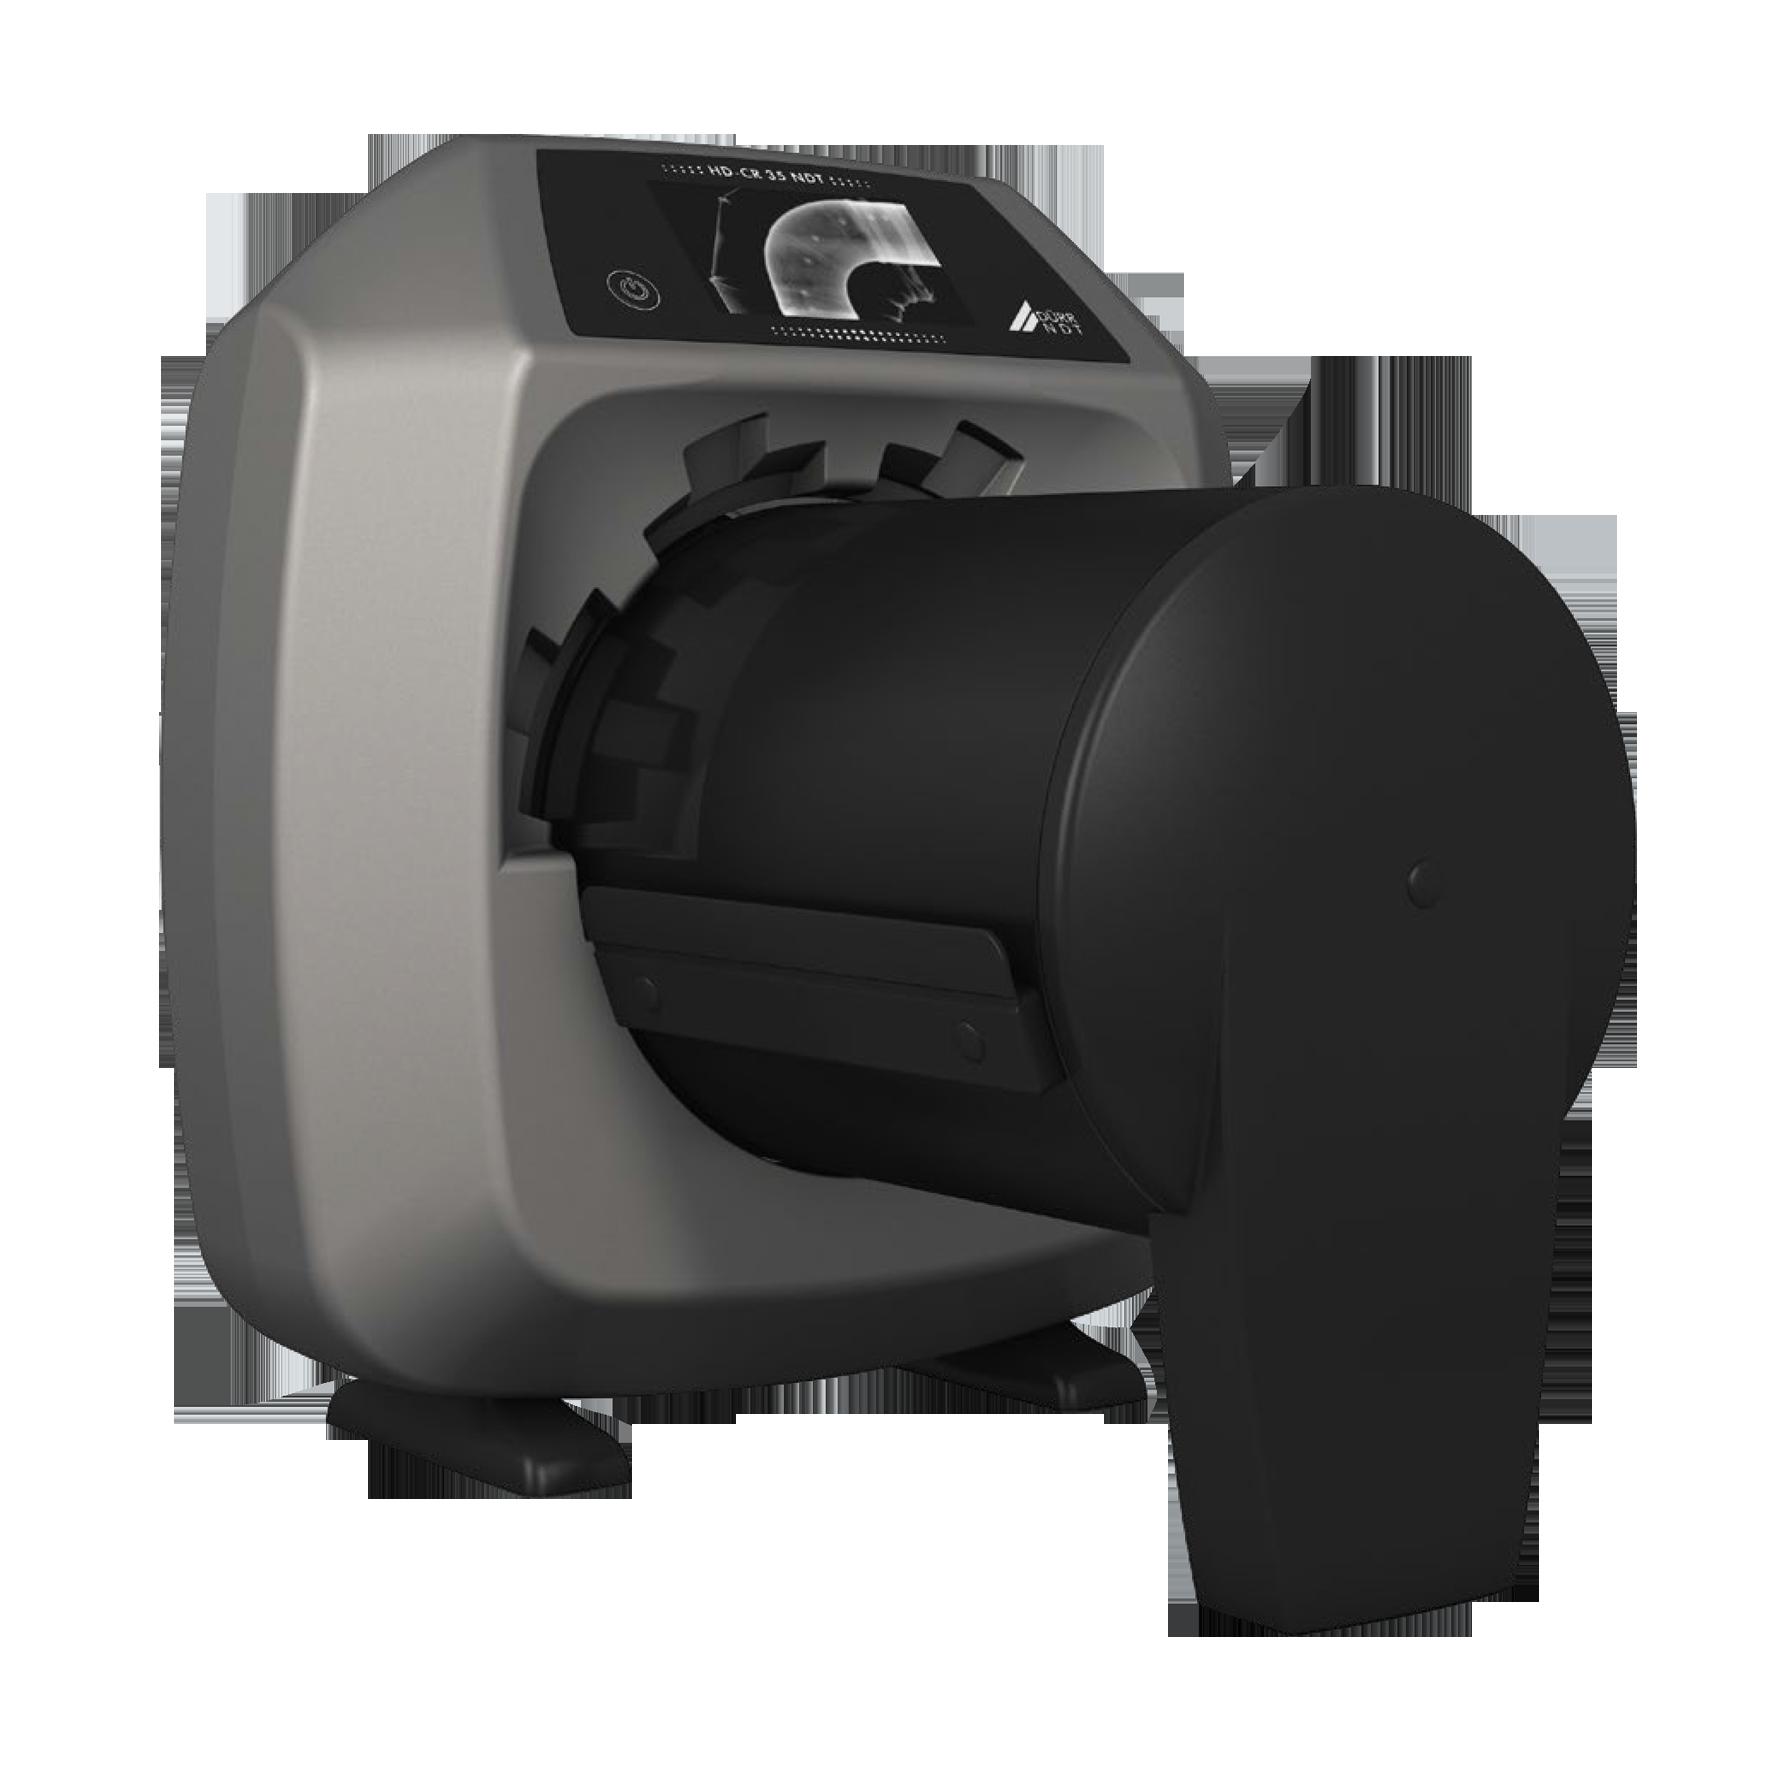 超高分辨率放射自显影系统